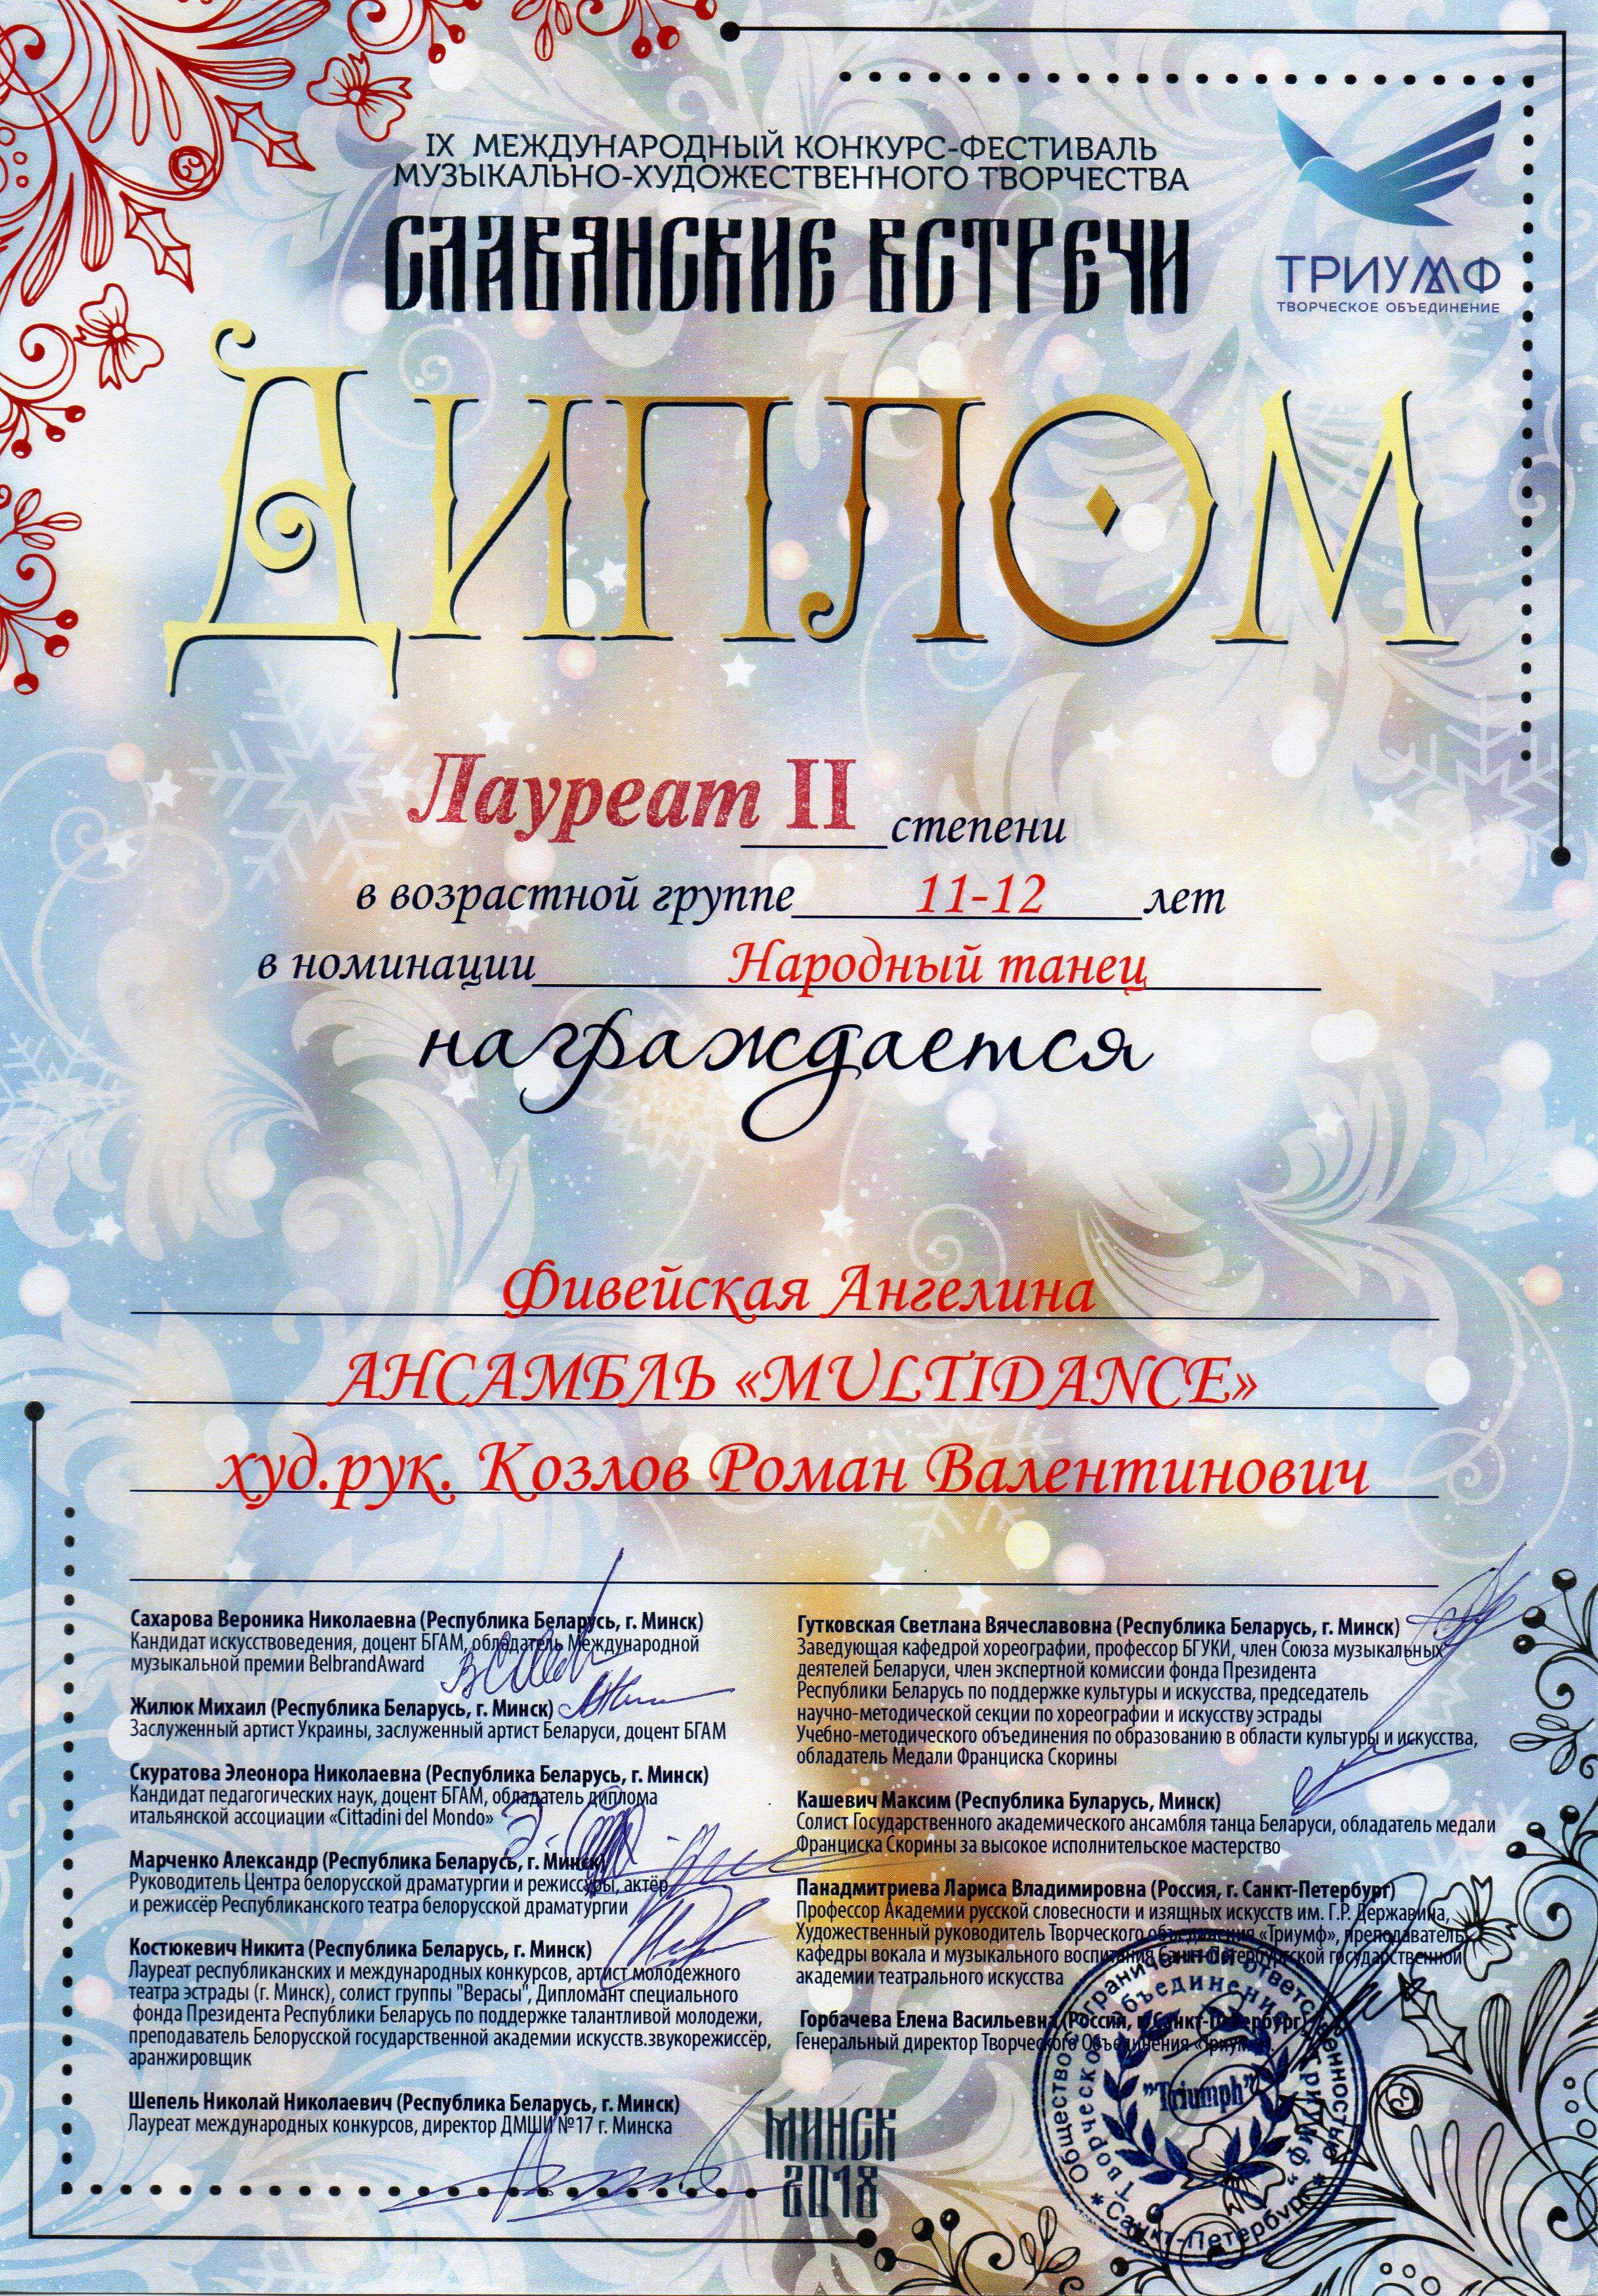 ГРАМОТЫ ТРИУМФ МИНСК006